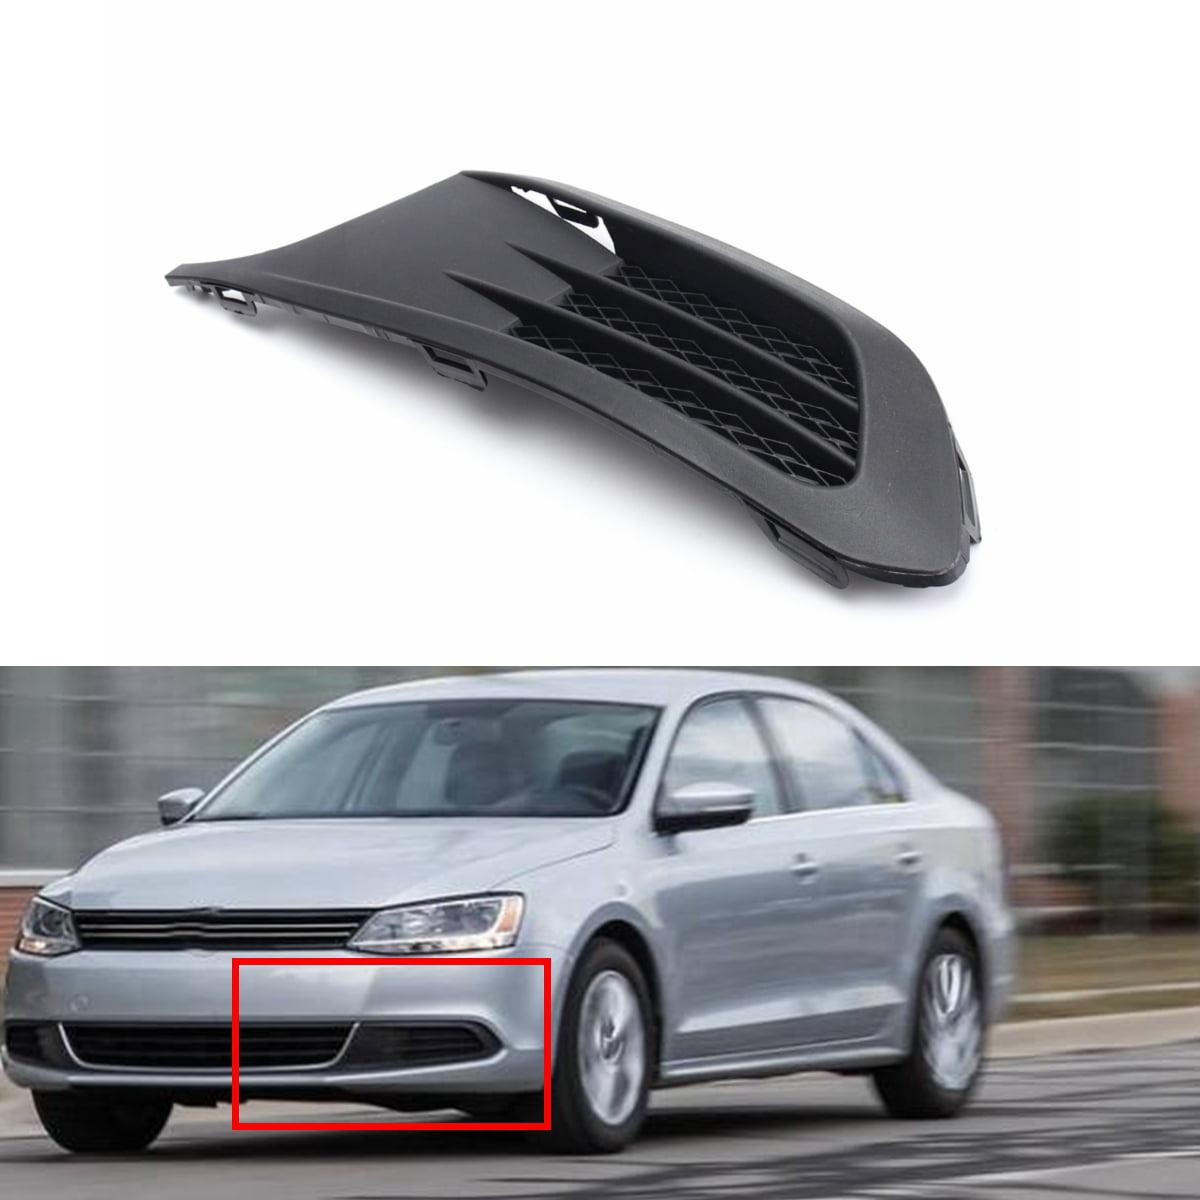 New Front Passenger Side Fog Light Trim For Volkswagen Jetta 2011-2014